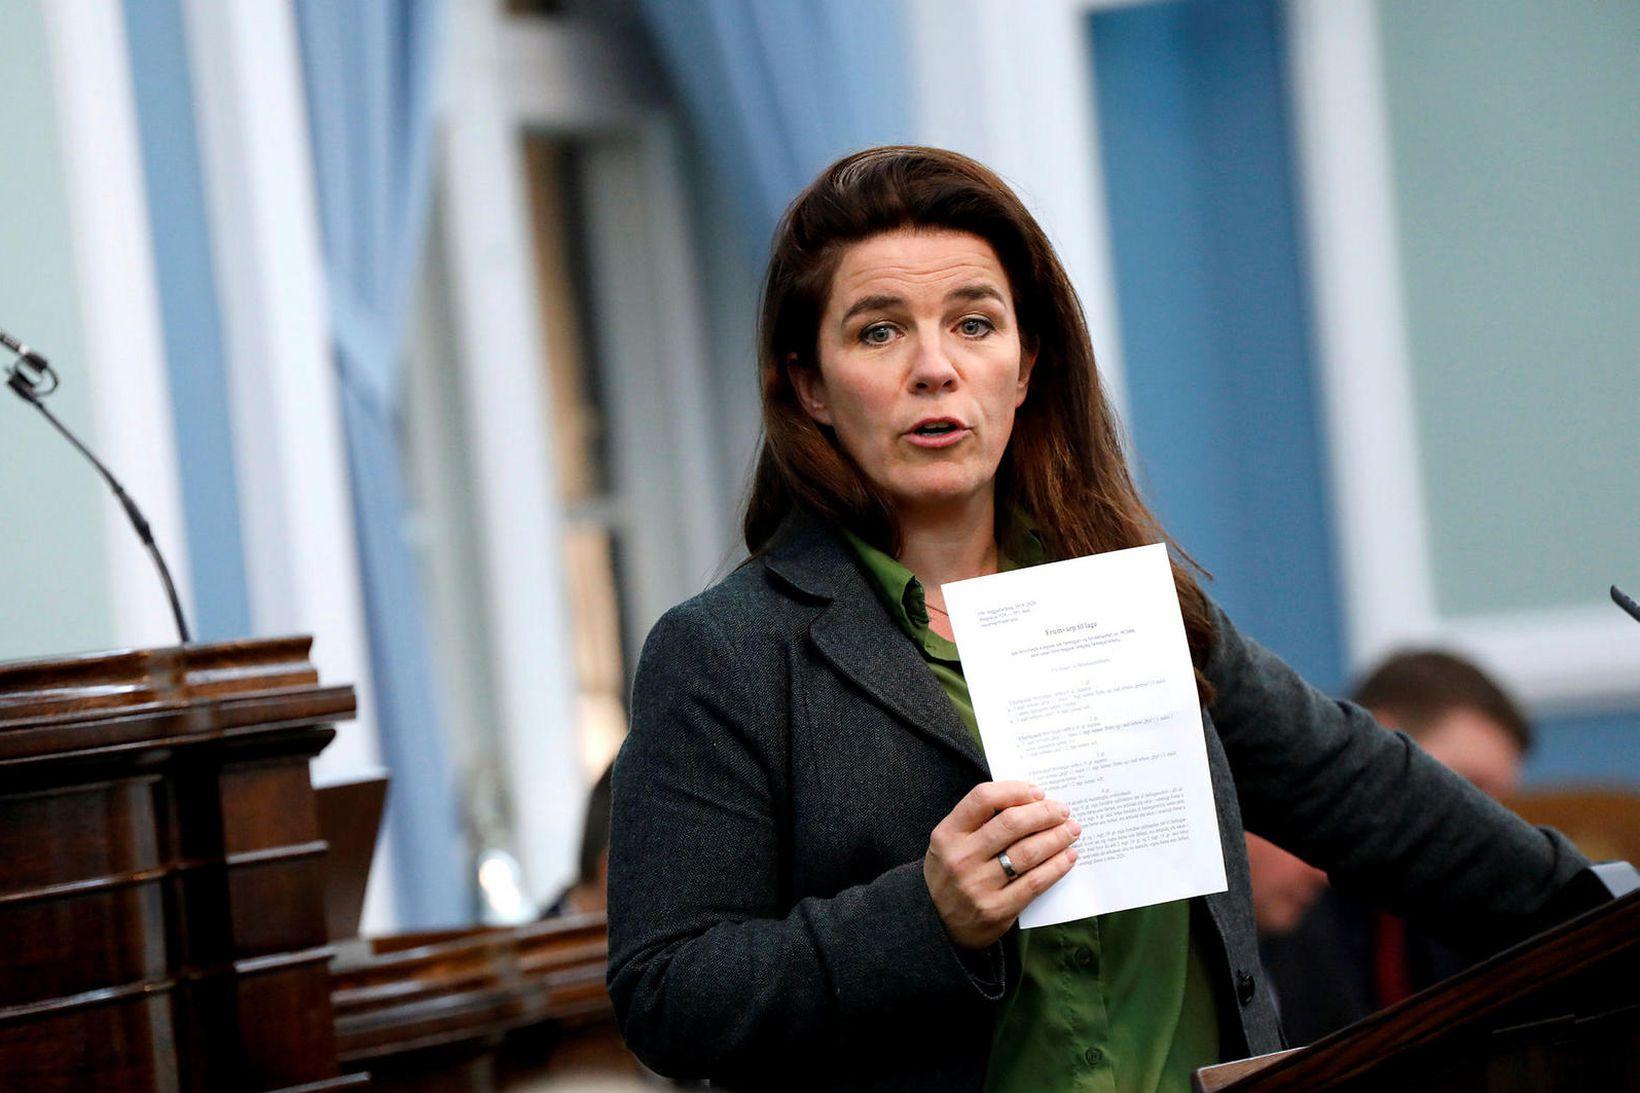 Helga Vala Helgadóttir gagnrýndi sóttvarnayfirvöld á þinginu í dag.